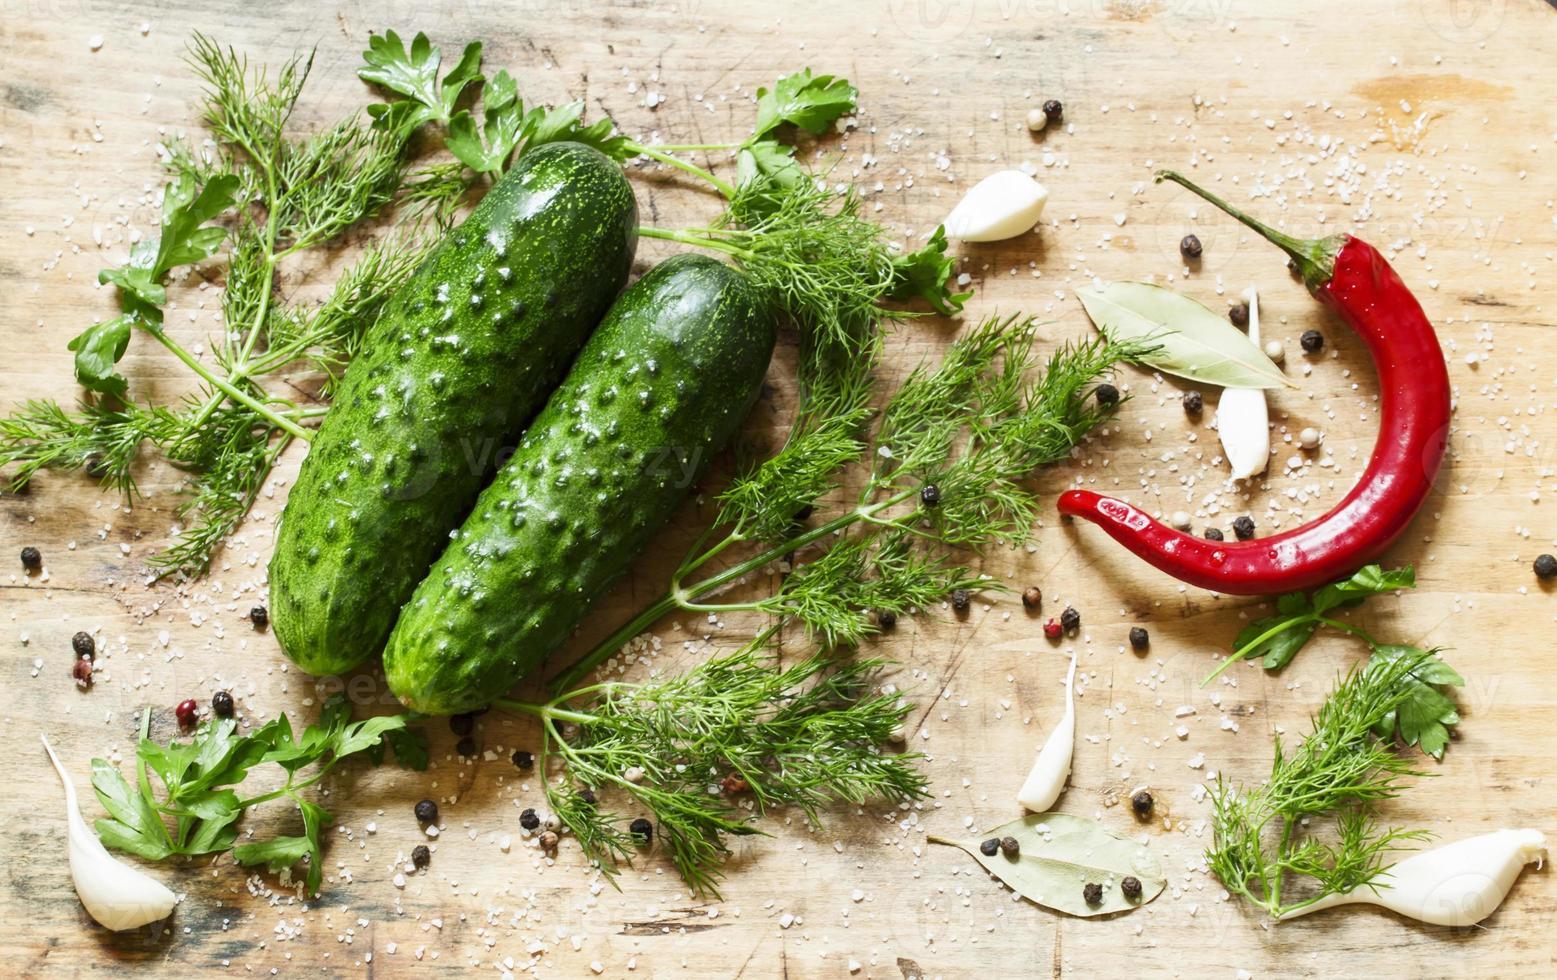 gepekelde komkommers bereiden met specerijen en kruiden, bovenaanzicht, sel foto